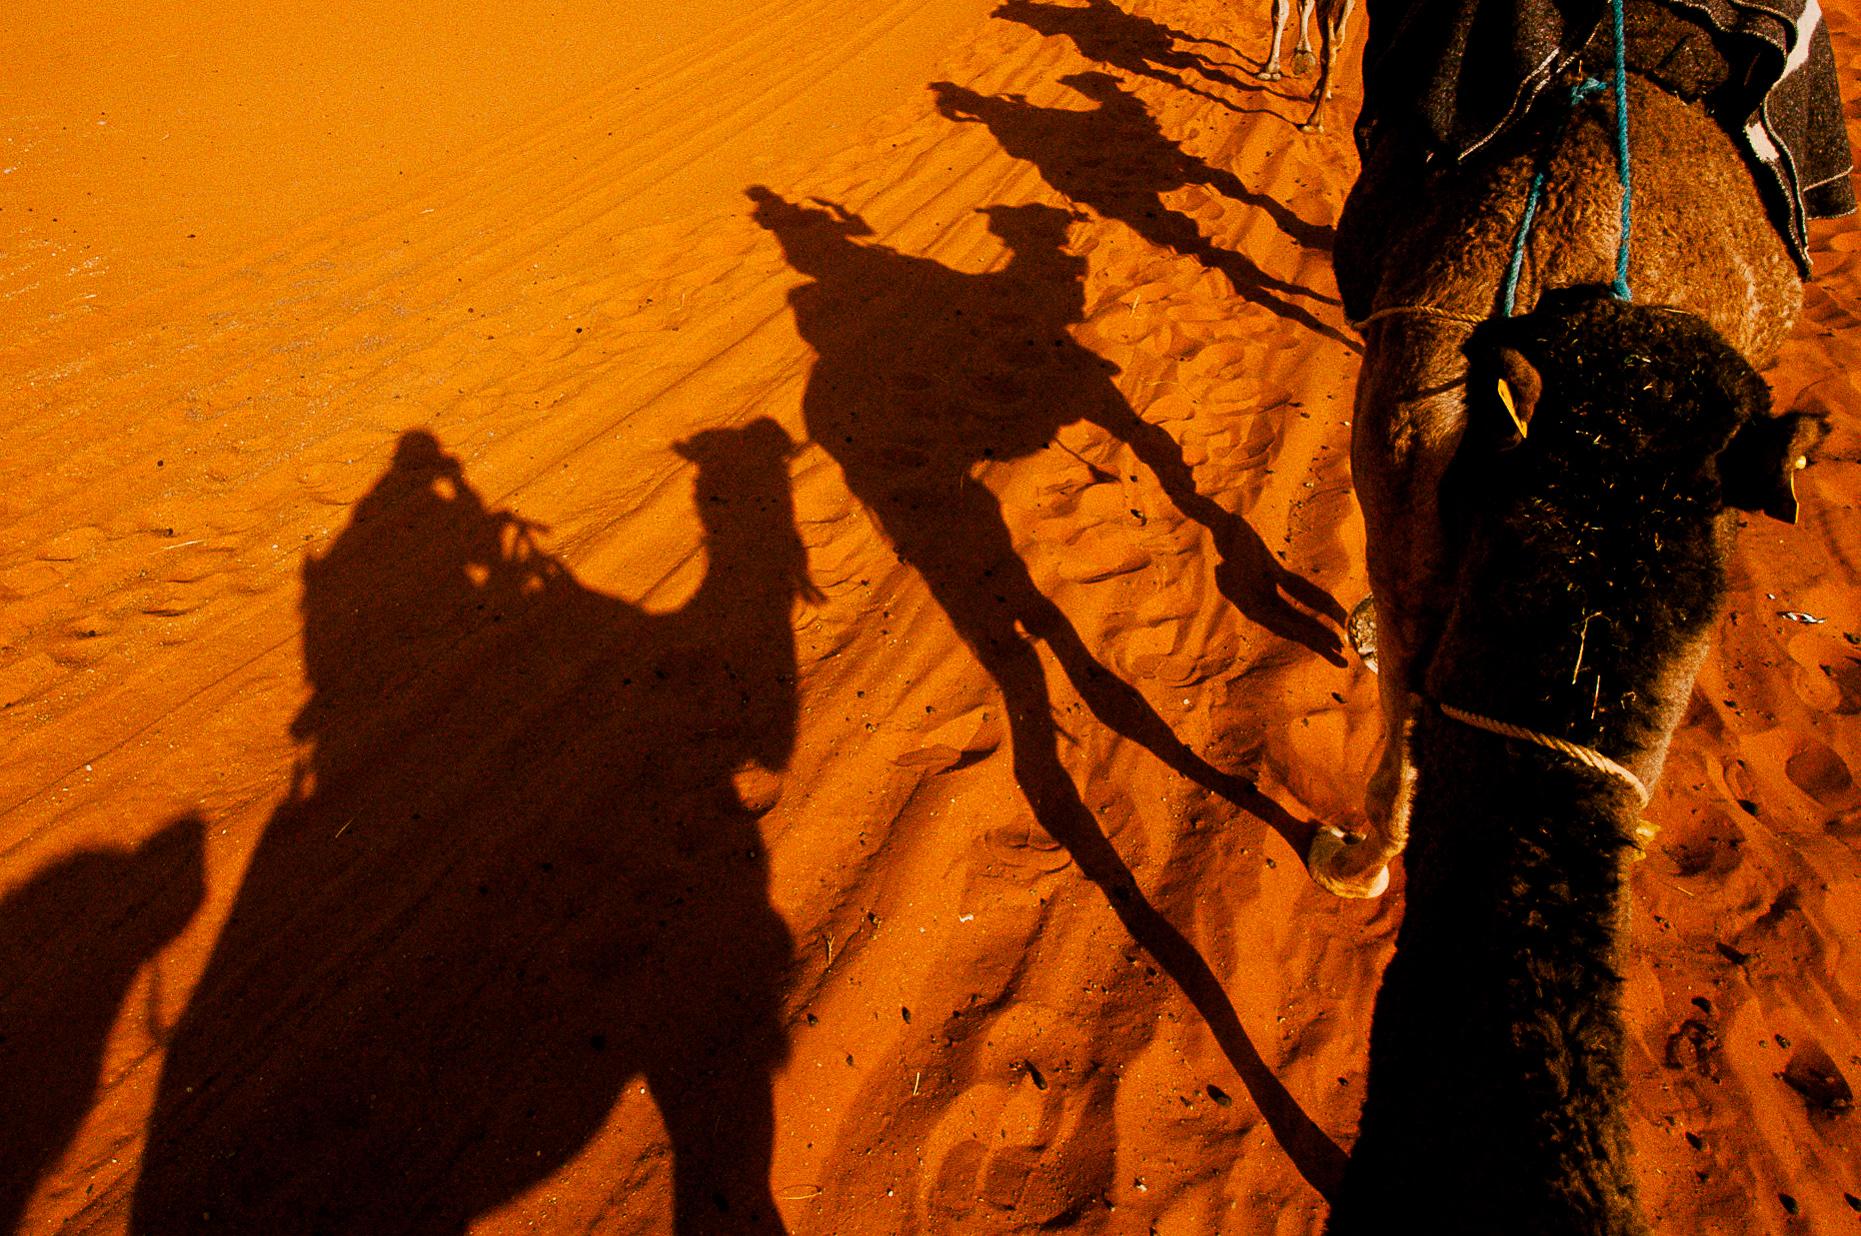 A 1 hour camel trek to camp.